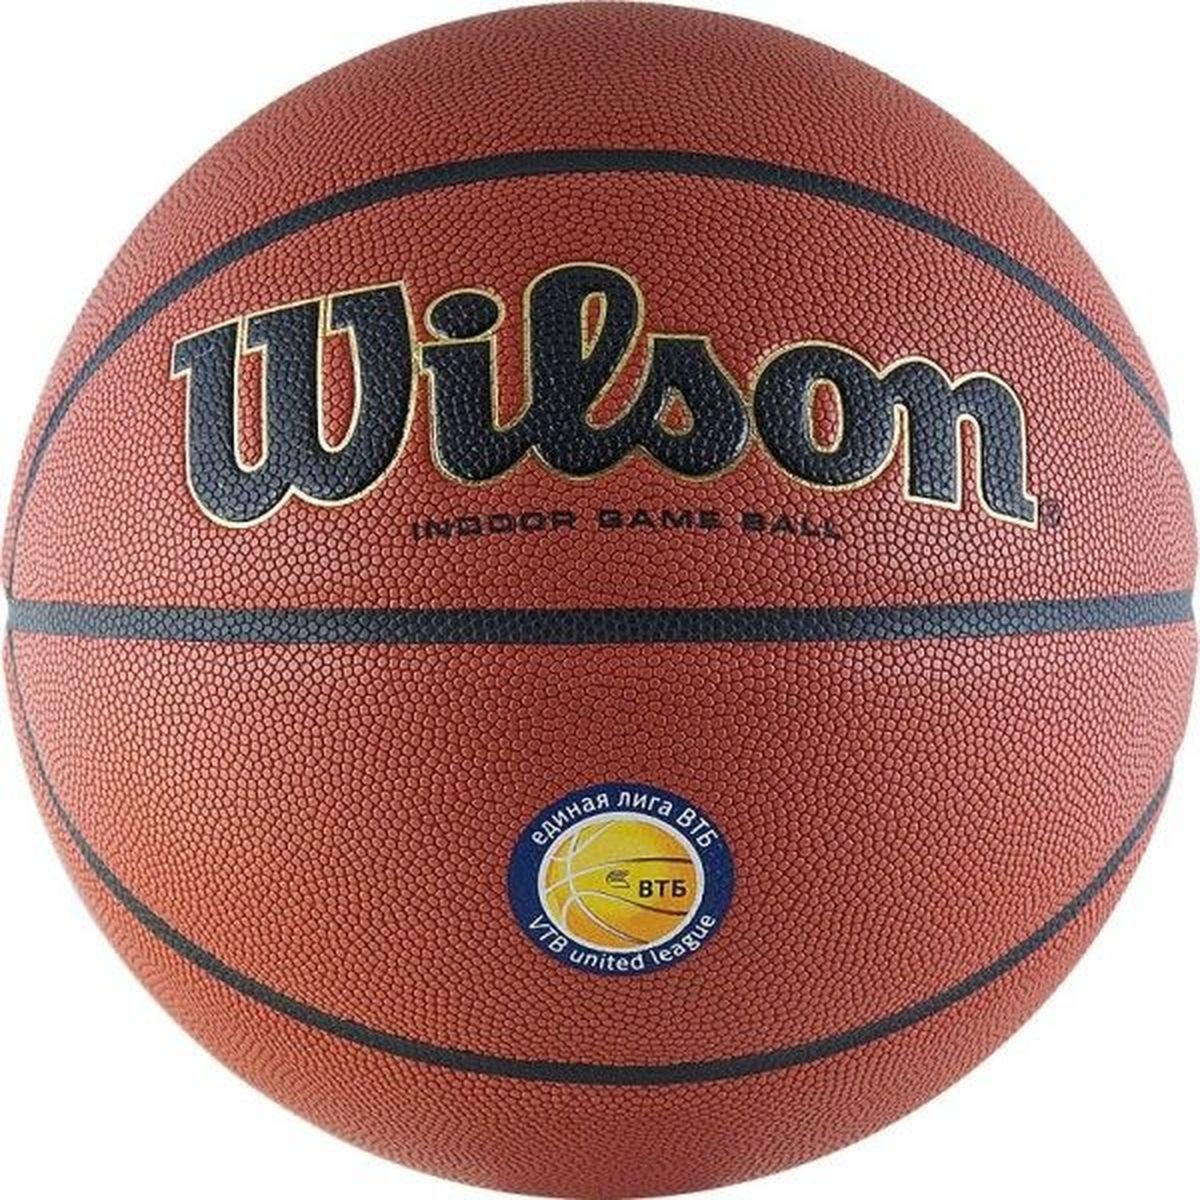 Мяч баскетбольный Wilson Vtb24 Game Sz7, цвет: рыжий. Размер: 7140042_royal/navy/whiteЭксклюзивный мяч с особым кожаным покрытием, с революционными влагопоглощающими канальцами, технологией Cushion Core, созданный для игры высшего класса. С логотипом ВТБ24